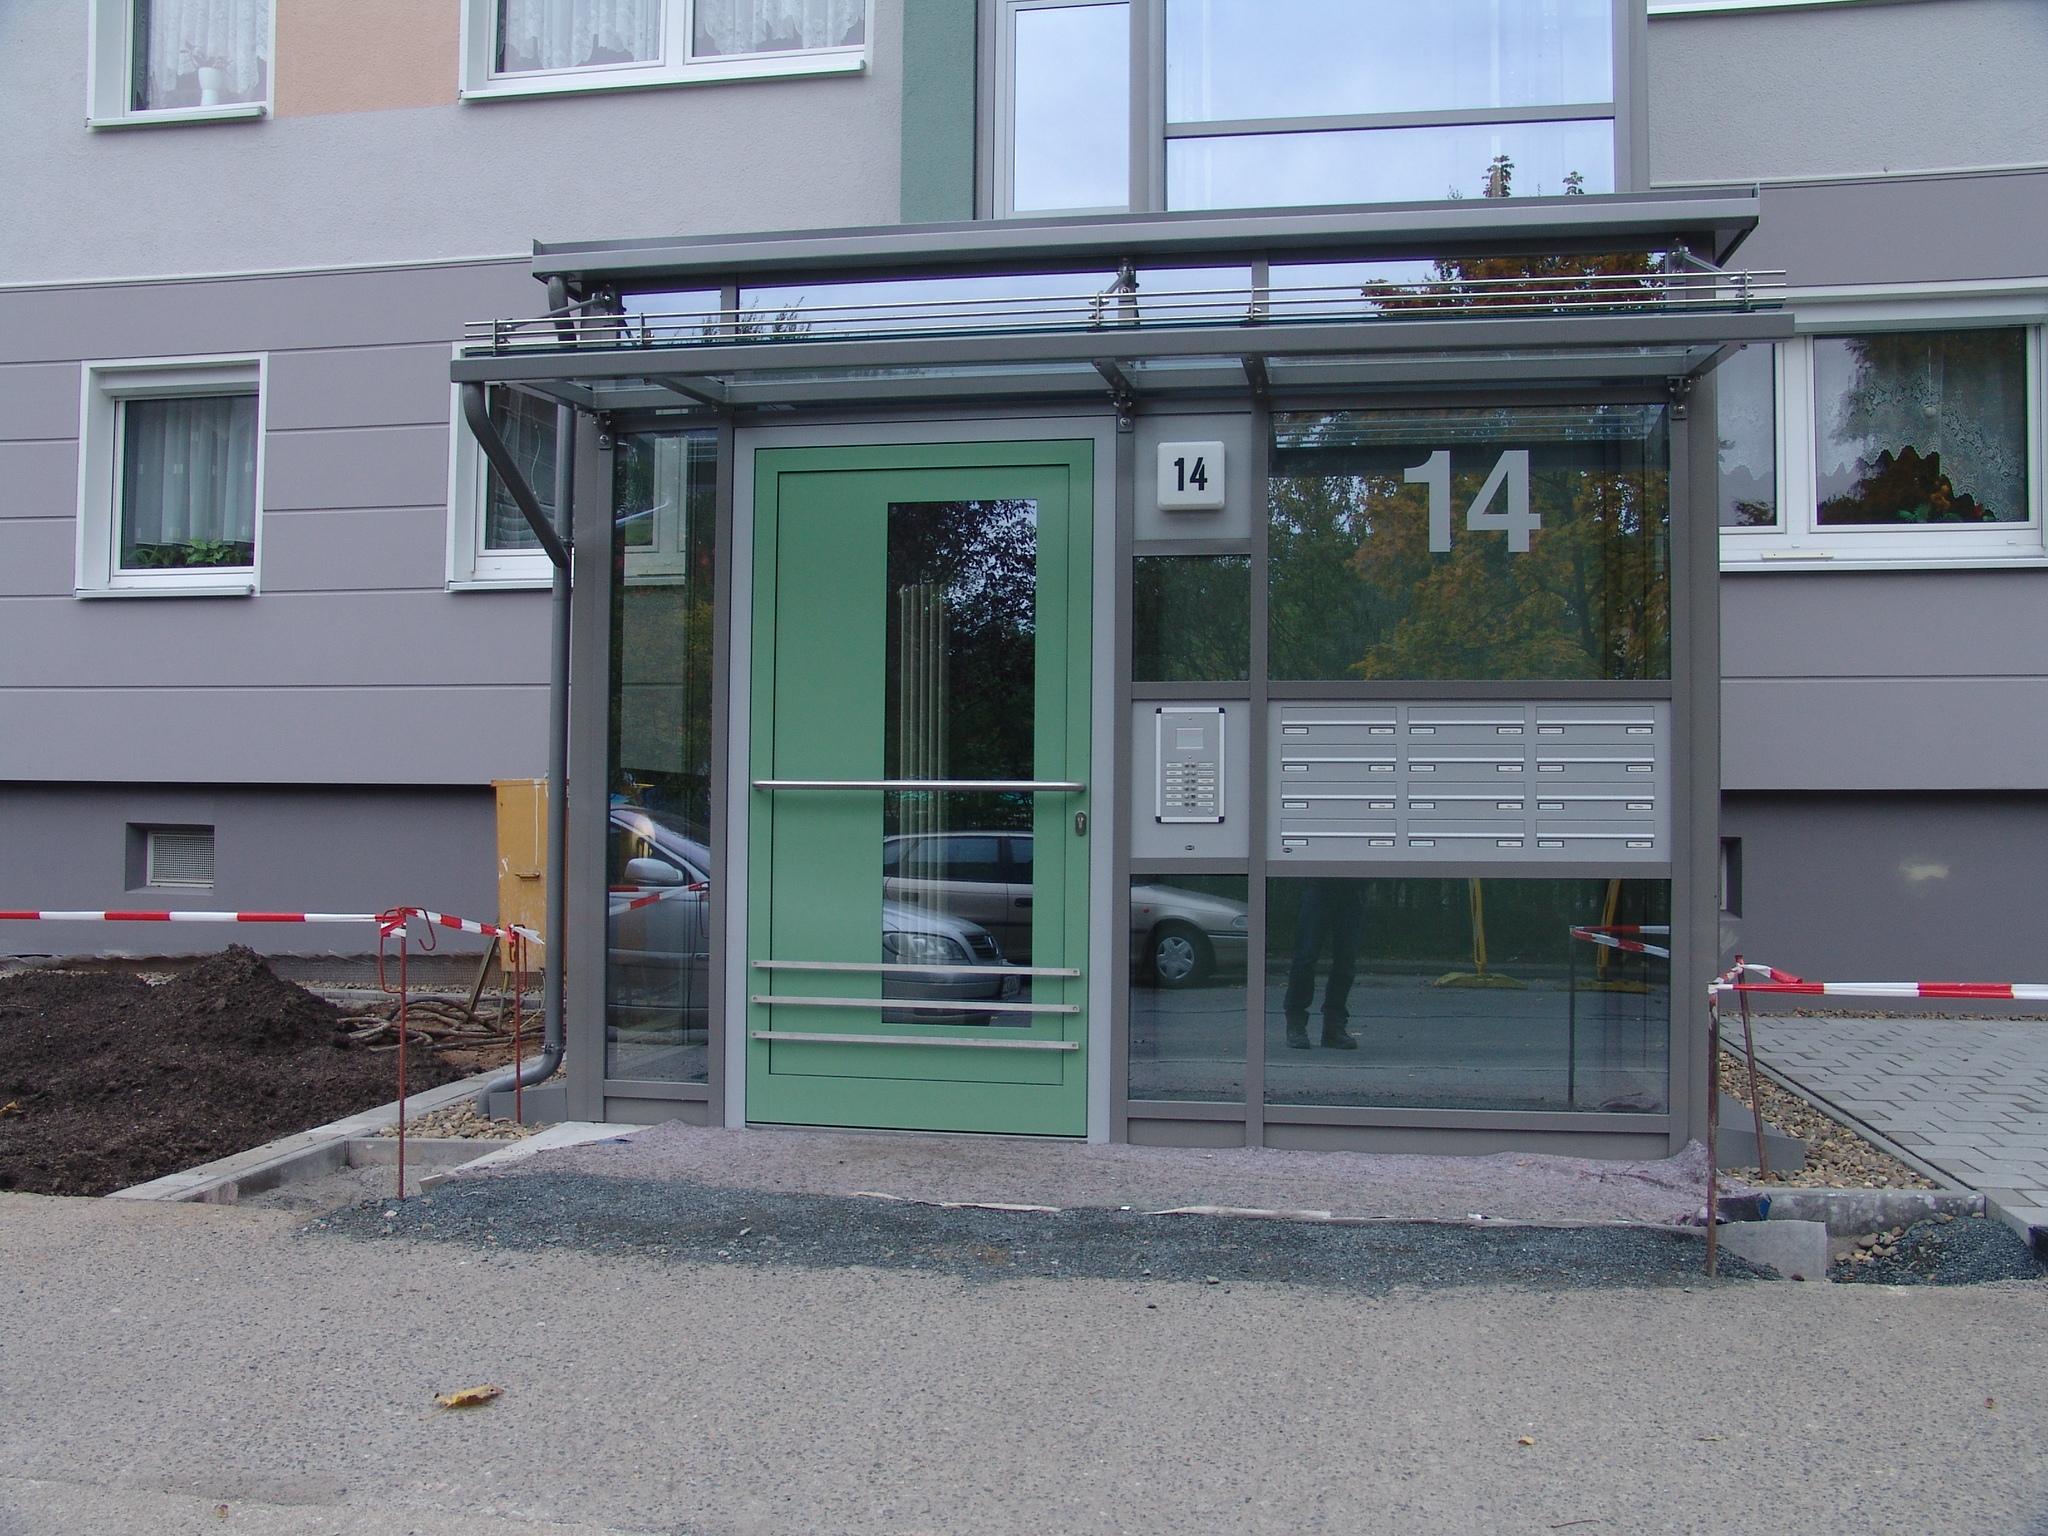 bau+projekt - Planungsbüro Hochbau aktuelles Projekt: aufzugsanbau in Dresden-großzschachwitz